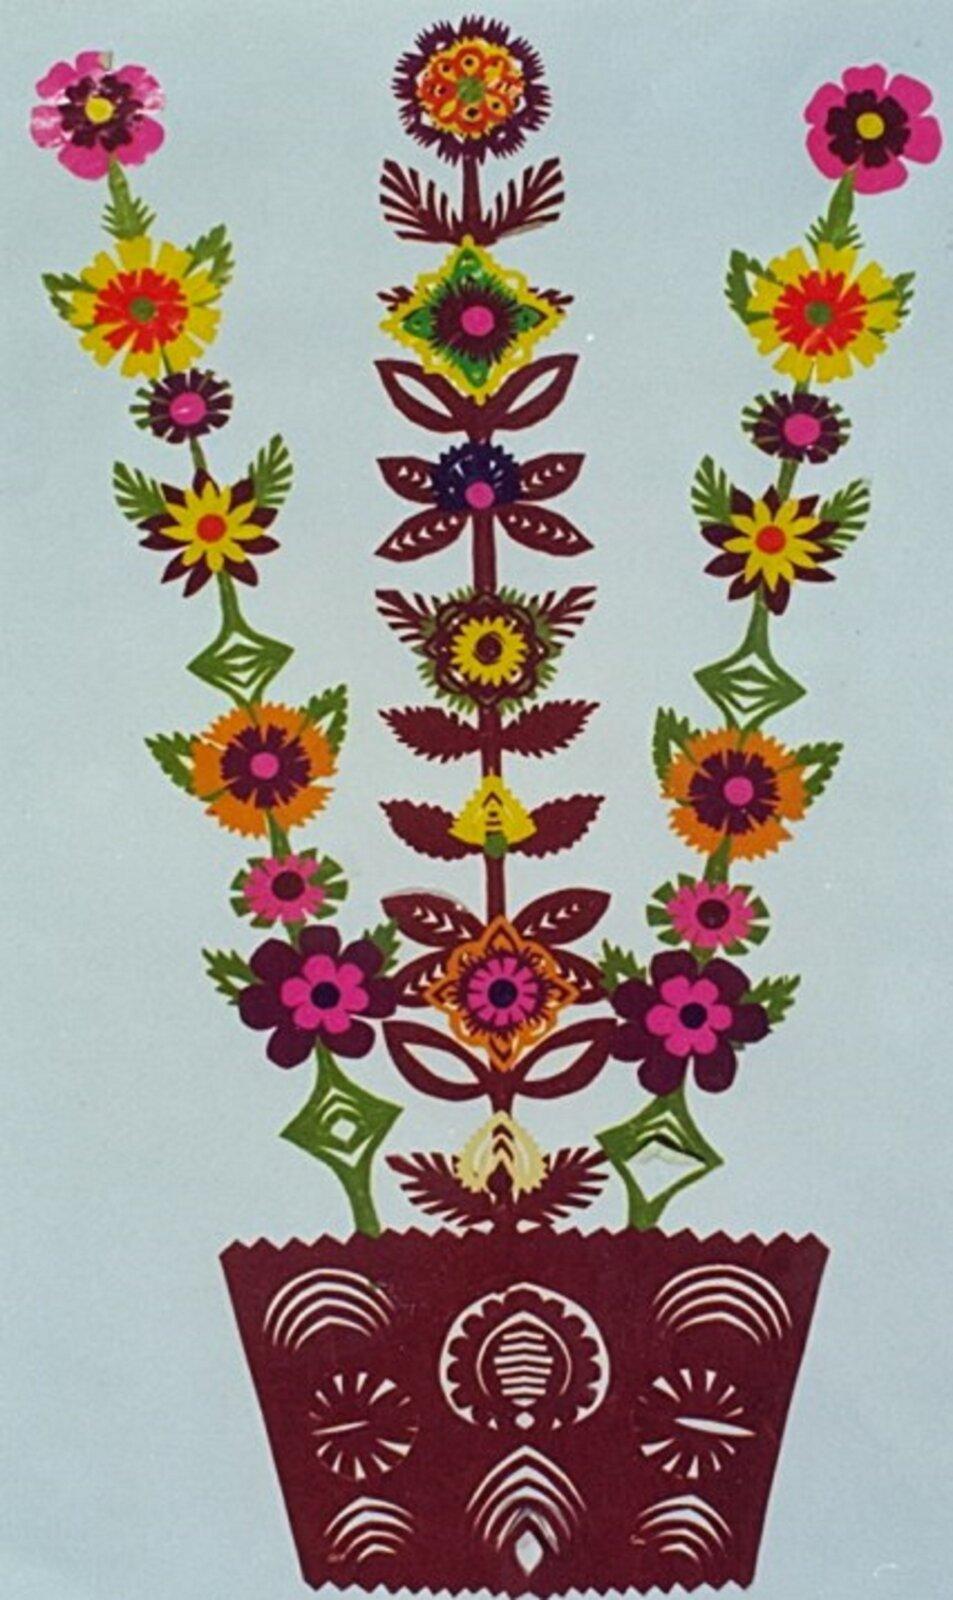 Ilustracja przedstawia sieradzką wierzbę. Jest to kolorowy wzór wycinanki przedstawiający kwiaty wdoniczce. Widzimy na nim zdobioną doniczkę, zktórej wyrastają trzy łodygi. Na łodygach na całej długości są kolorowe kwiaty. Dwie skrajne łodygi są takie same ale różnią się kwiatami od łodygi środkowej. Wzór przedstawiony jest na jasnym tle.